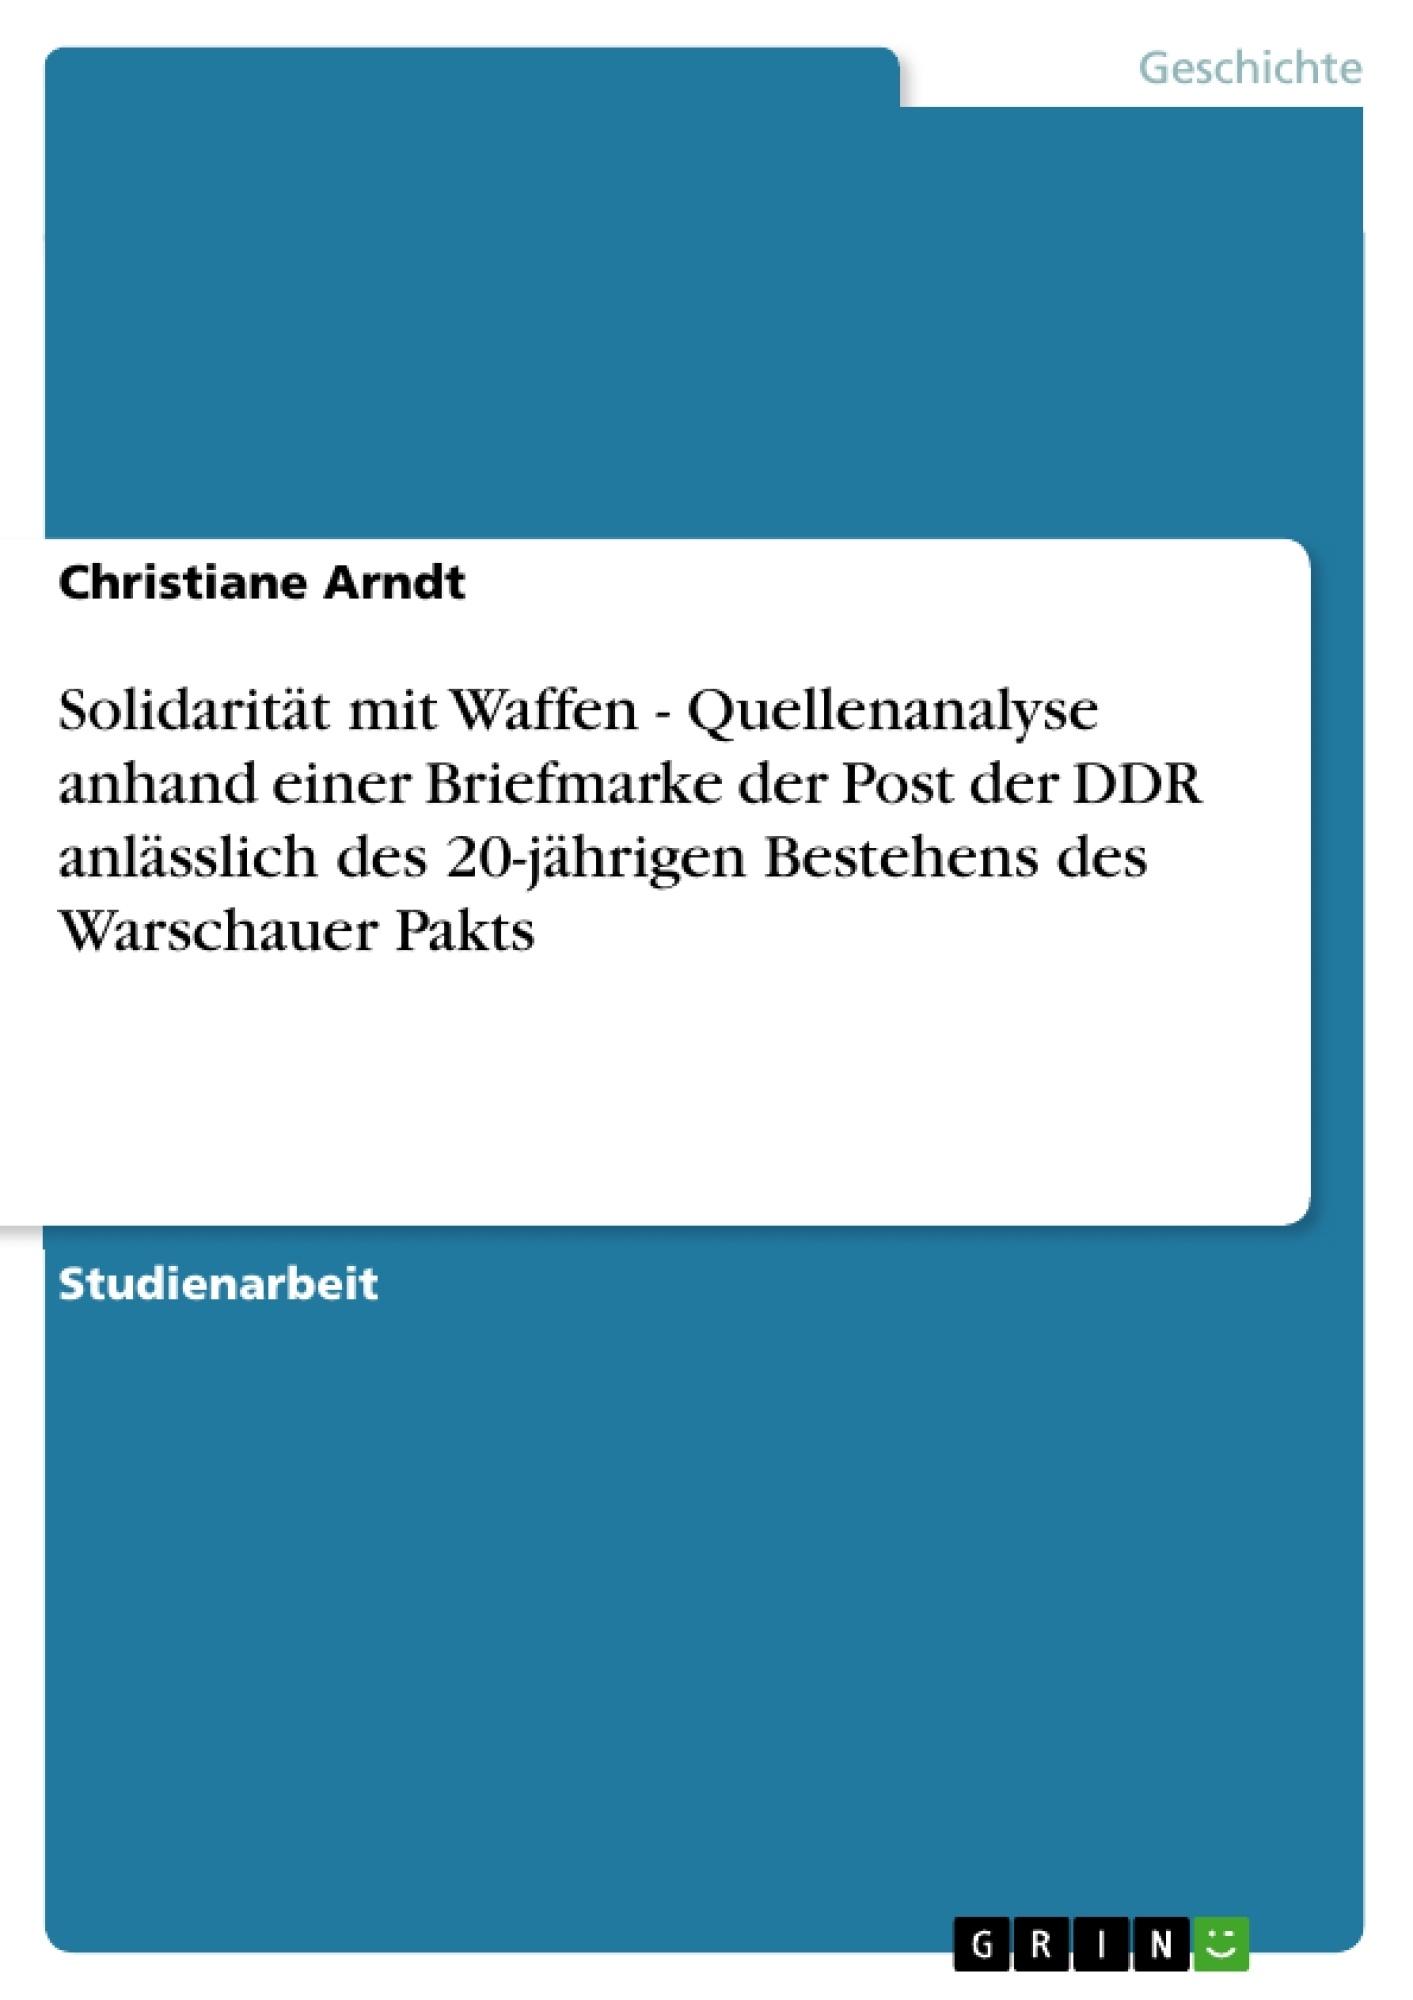 Titel: Solidarität mit Waffen - Quellenanalyse anhand einer Briefmarke der Post der DDR anlässlich des 20-jährigen Bestehens des Warschauer Pakts